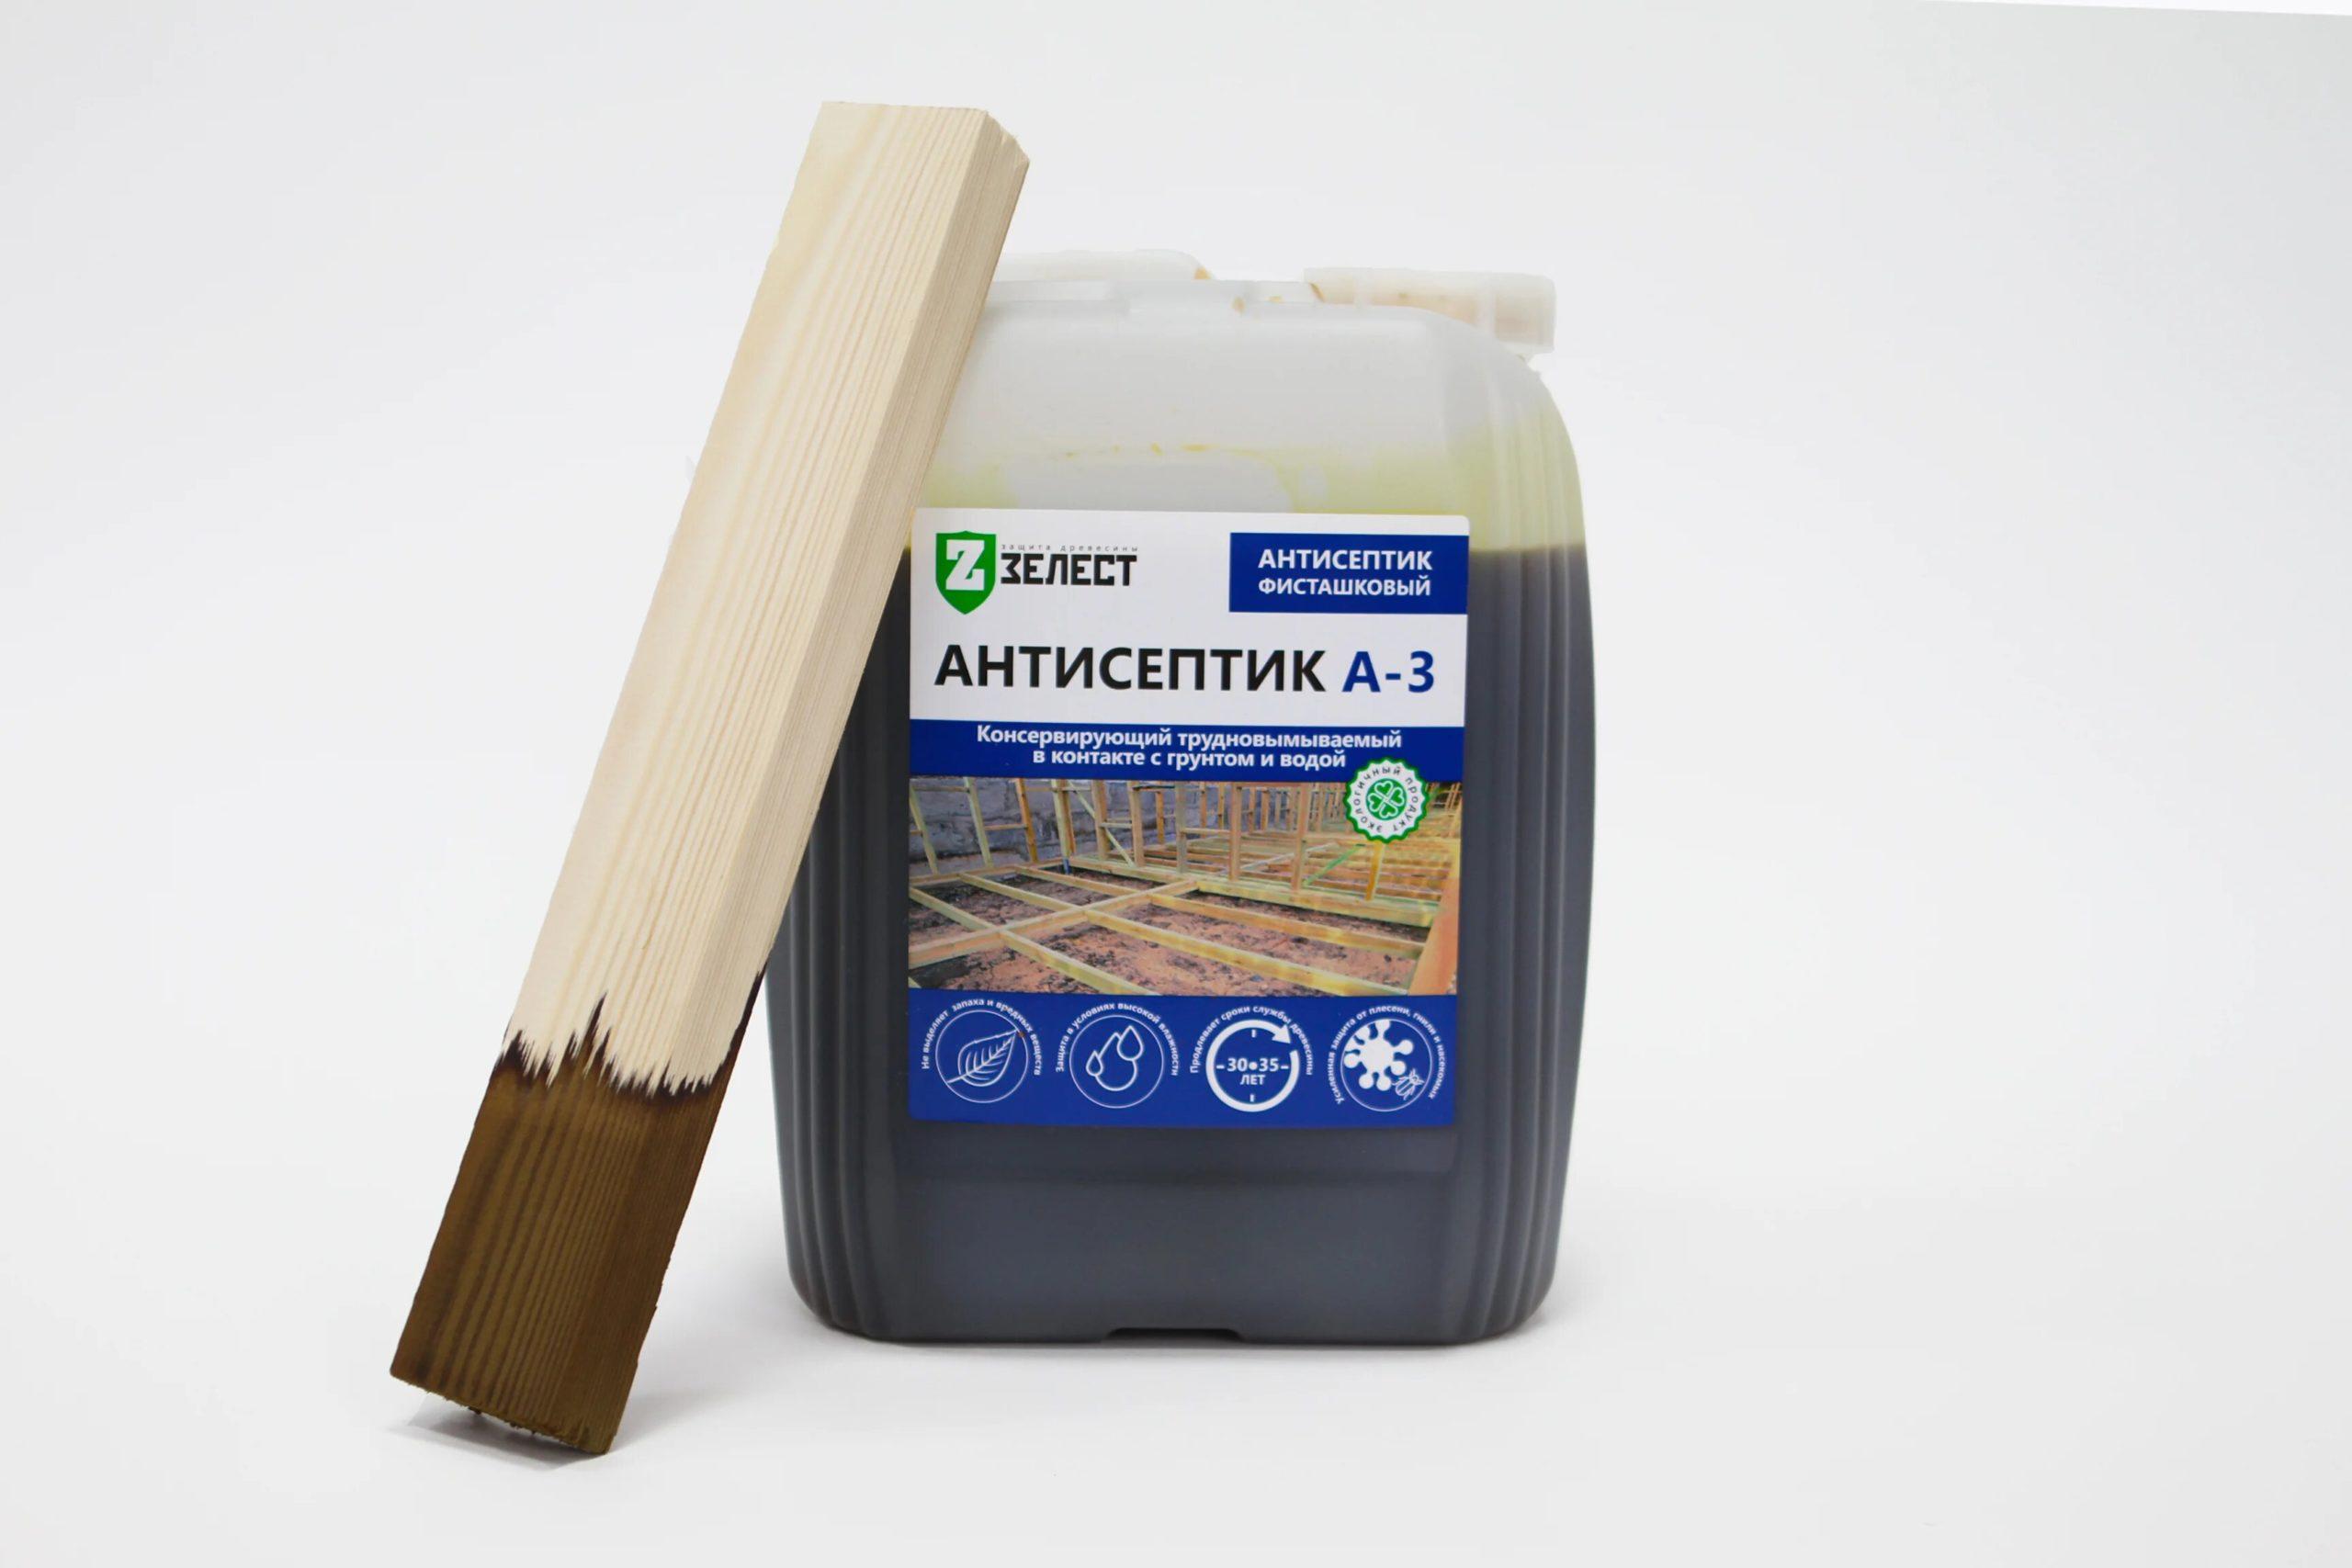 Антисептик для дерева